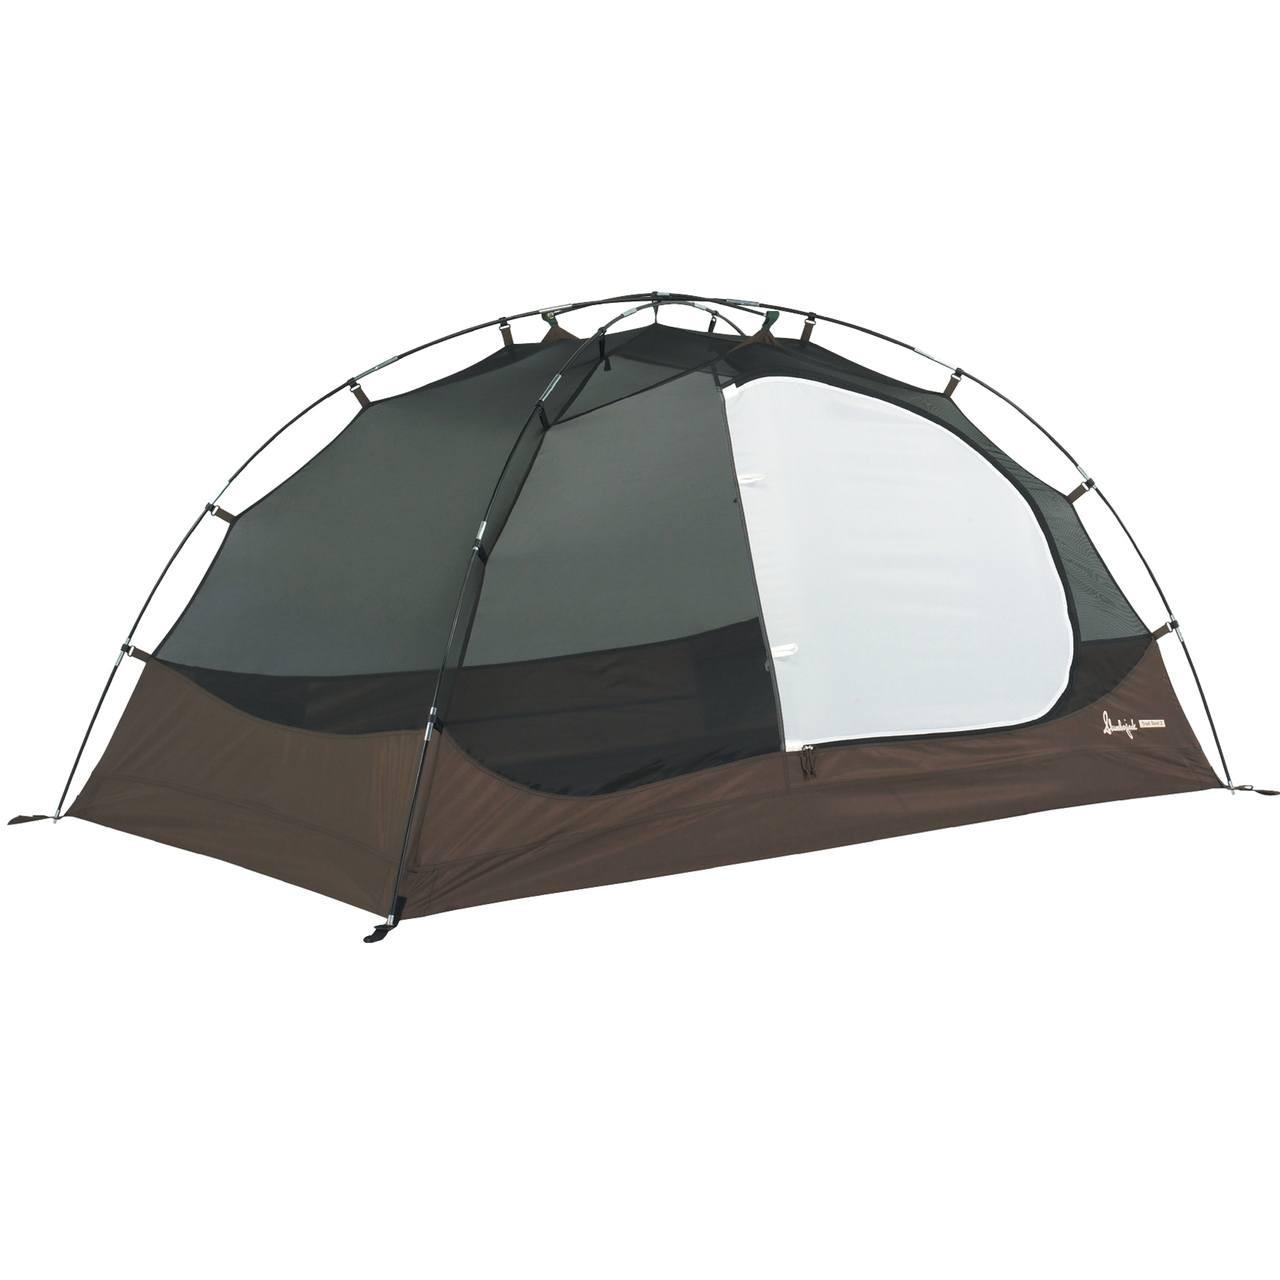 Videos. Slumberjack Trail Tent  sc 1 st  Slumberjack & Slumberjack Trail Tent 2 | Backpacking 2-Person Tent | Camping